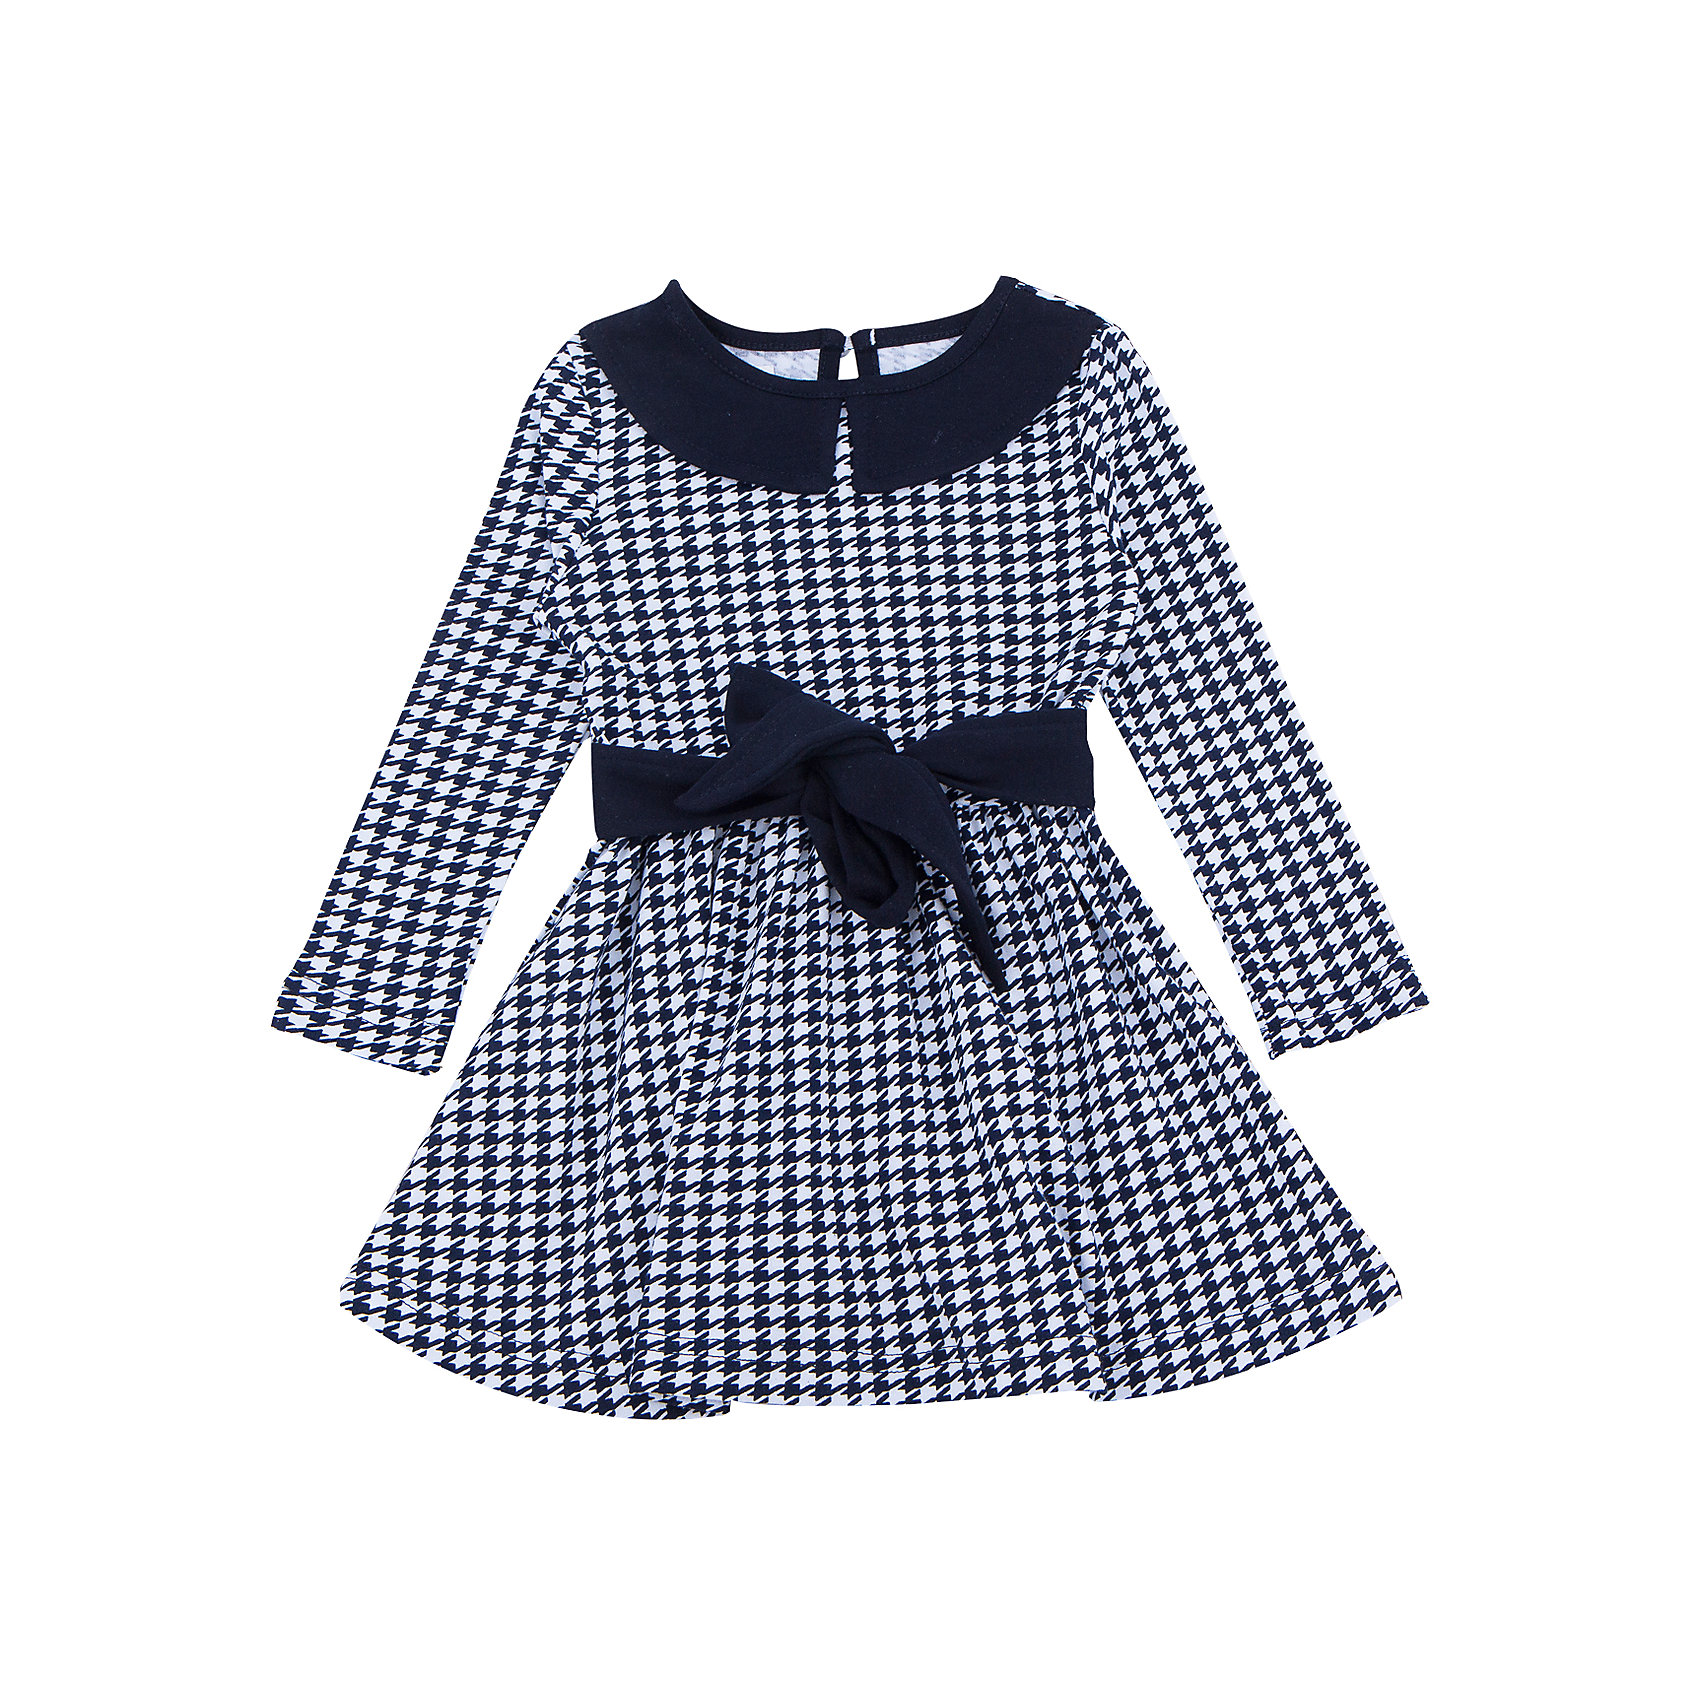 Платье для девочки АпрельПлатье для девочки Апрель.<br><br>Характеристики:<br>• состав: 100% хлопок<br>• цвет: синий/белый<br>• коллекция: Высокий стиль<br><br>Модное платье из коллекции Высокий стиль от известной марки Апрель изготовлено из плотного хлопка. Оно приятно телу и не сковывает движений. Платье имеет расширенный к низу силуэт, длинные рукава и круглый ворот. Сзади застегивается на пуговицу. Бело-синяя расцветка платья приятно дополнена темным воротником и поясом. Эта очаровательная модель прекрасно дополнит гардероб девочки!<br><br>Платье для девочки Апрель вы можете купить в нашем интернет-магазине.<br><br>Ширина мм: 236<br>Глубина мм: 16<br>Высота мм: 184<br>Вес г: 177<br>Цвет: синий/белый<br>Возраст от месяцев: 24<br>Возраст до месяцев: 36<br>Пол: Женский<br>Возраст: Детский<br>Размер: 146,92,104,110,116,98,122,128,134,140<br>SKU: 4937004